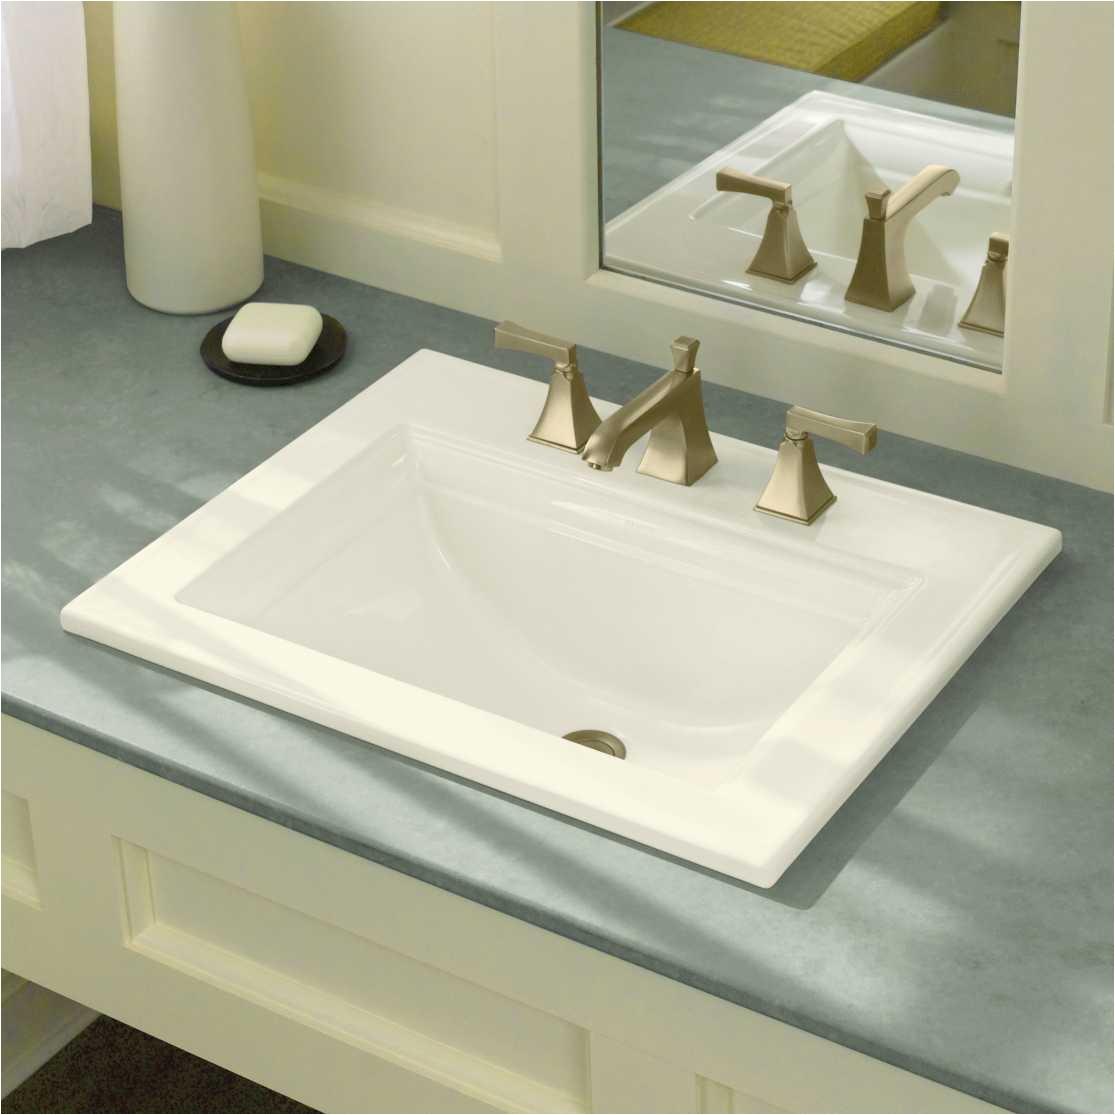 acrylic urethane bathtub refinishing best of toilets lowes 0d gpyt infoacrylic urethane bathtub refinishing most elegant toilets lowes 0d gpyt info